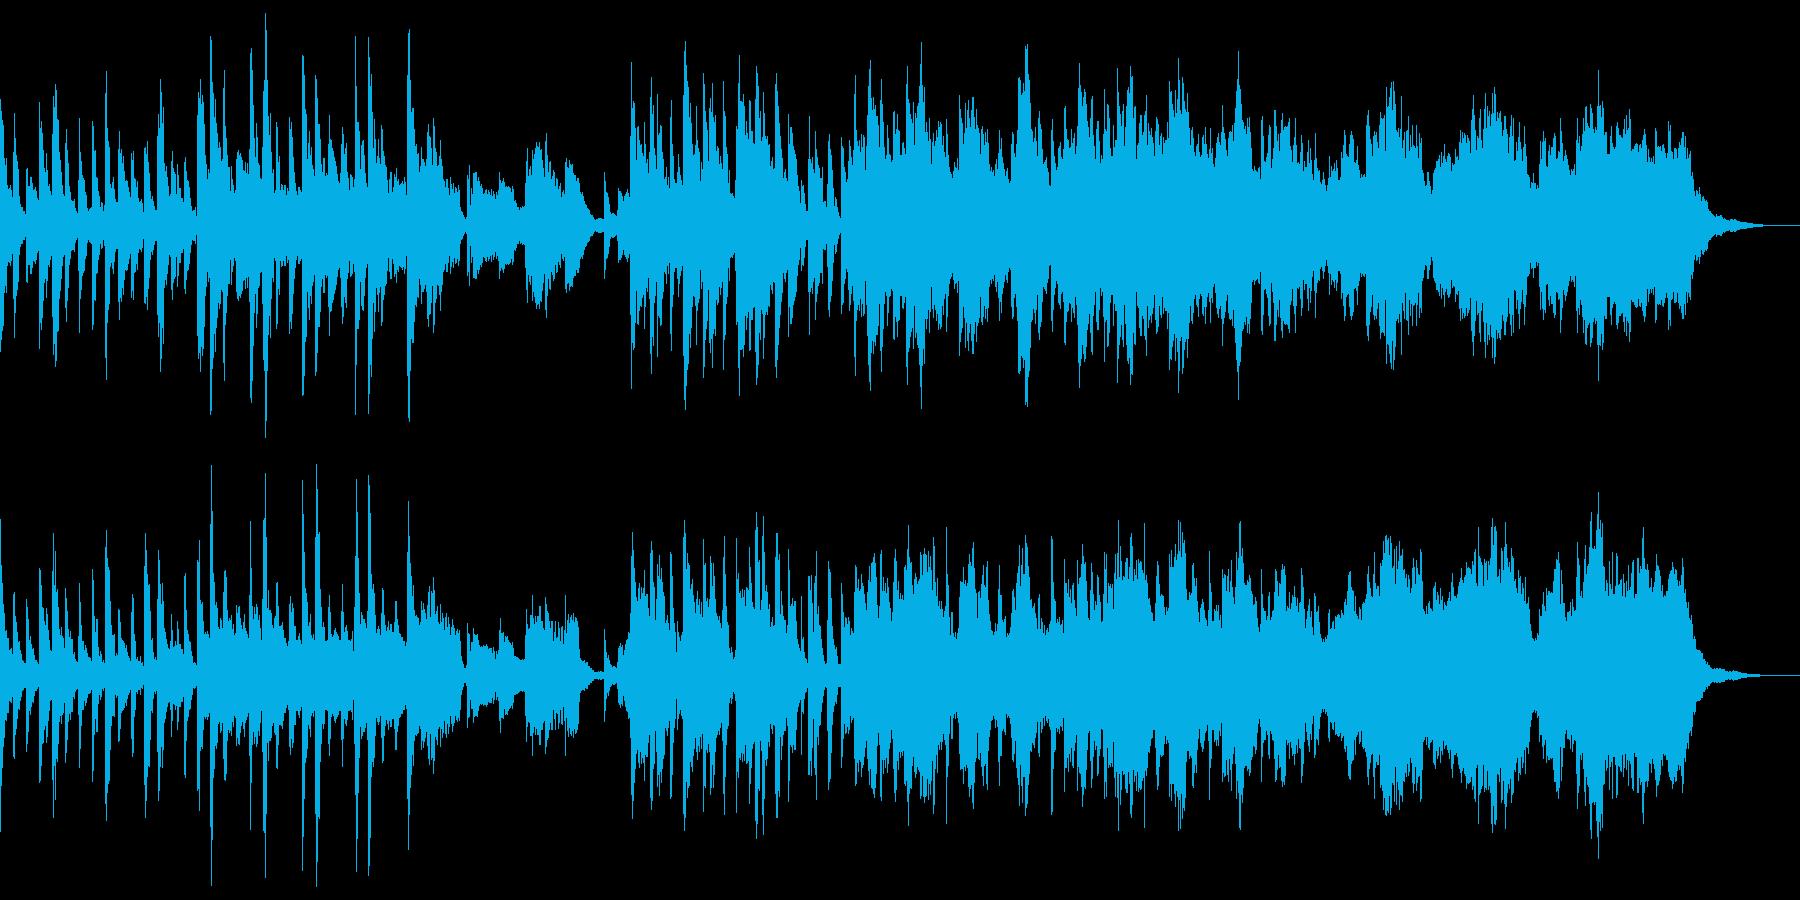 琴と尺八のくつろぎ和風ヒーリングの再生済みの波形